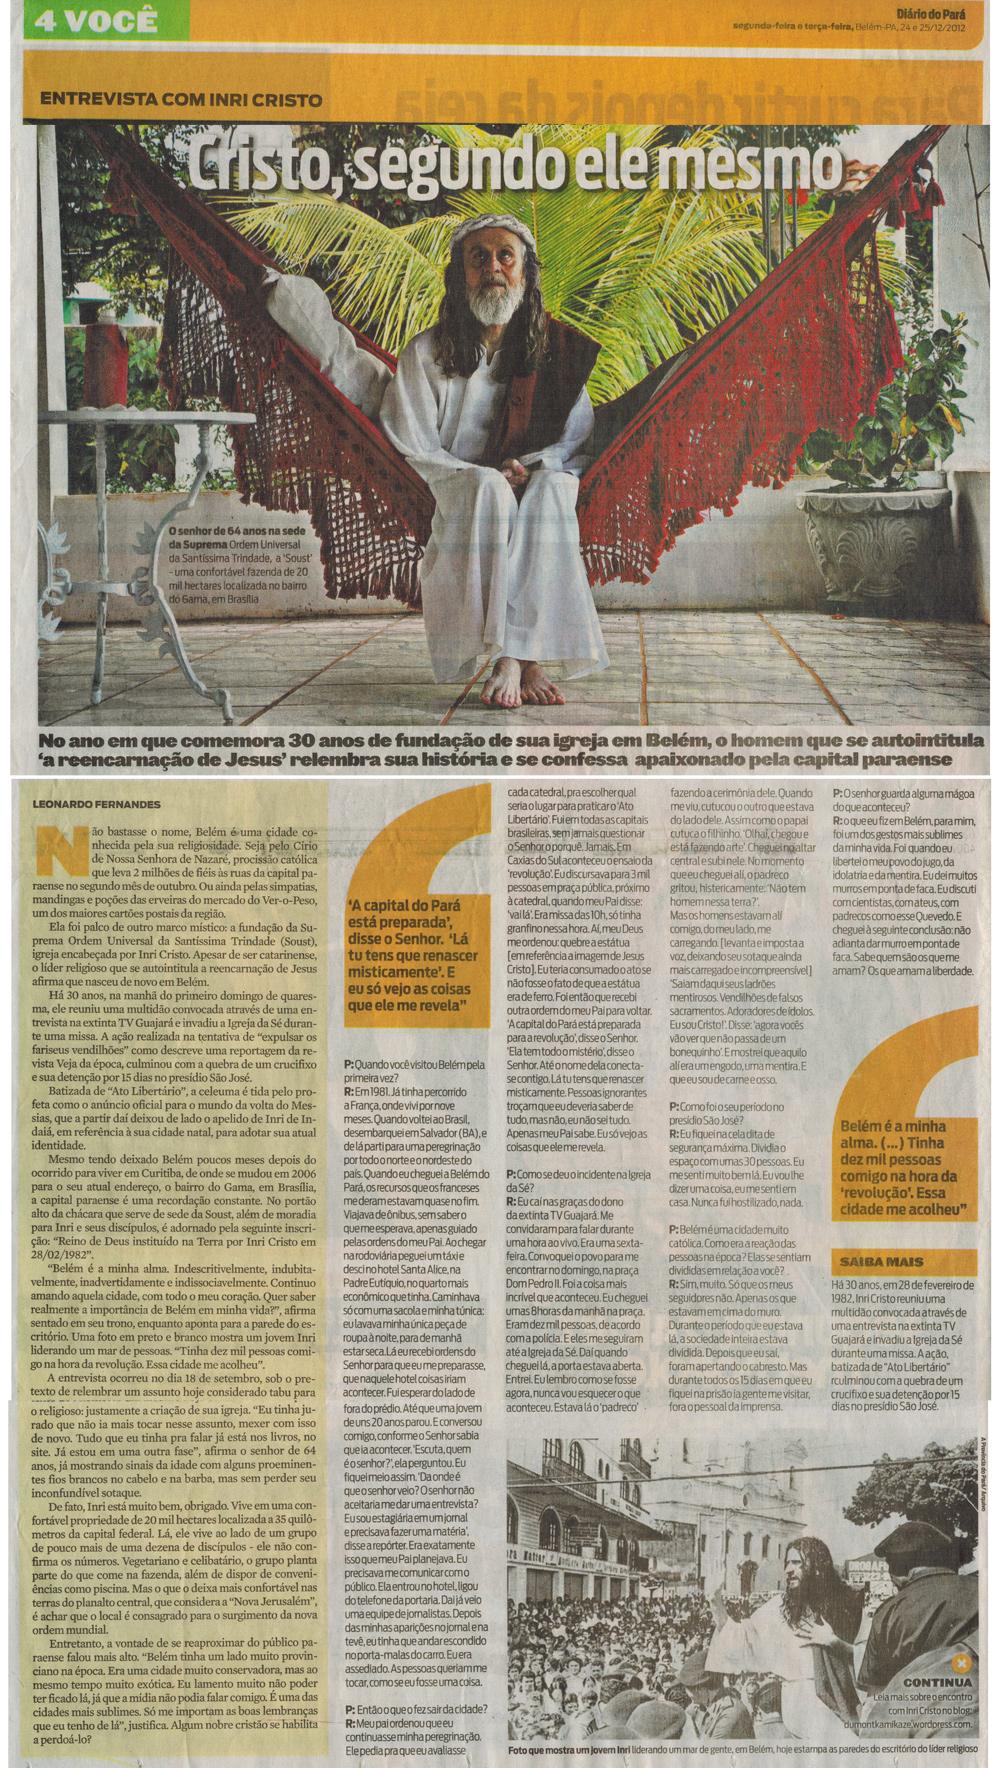 diario-do-para-24-12-2012